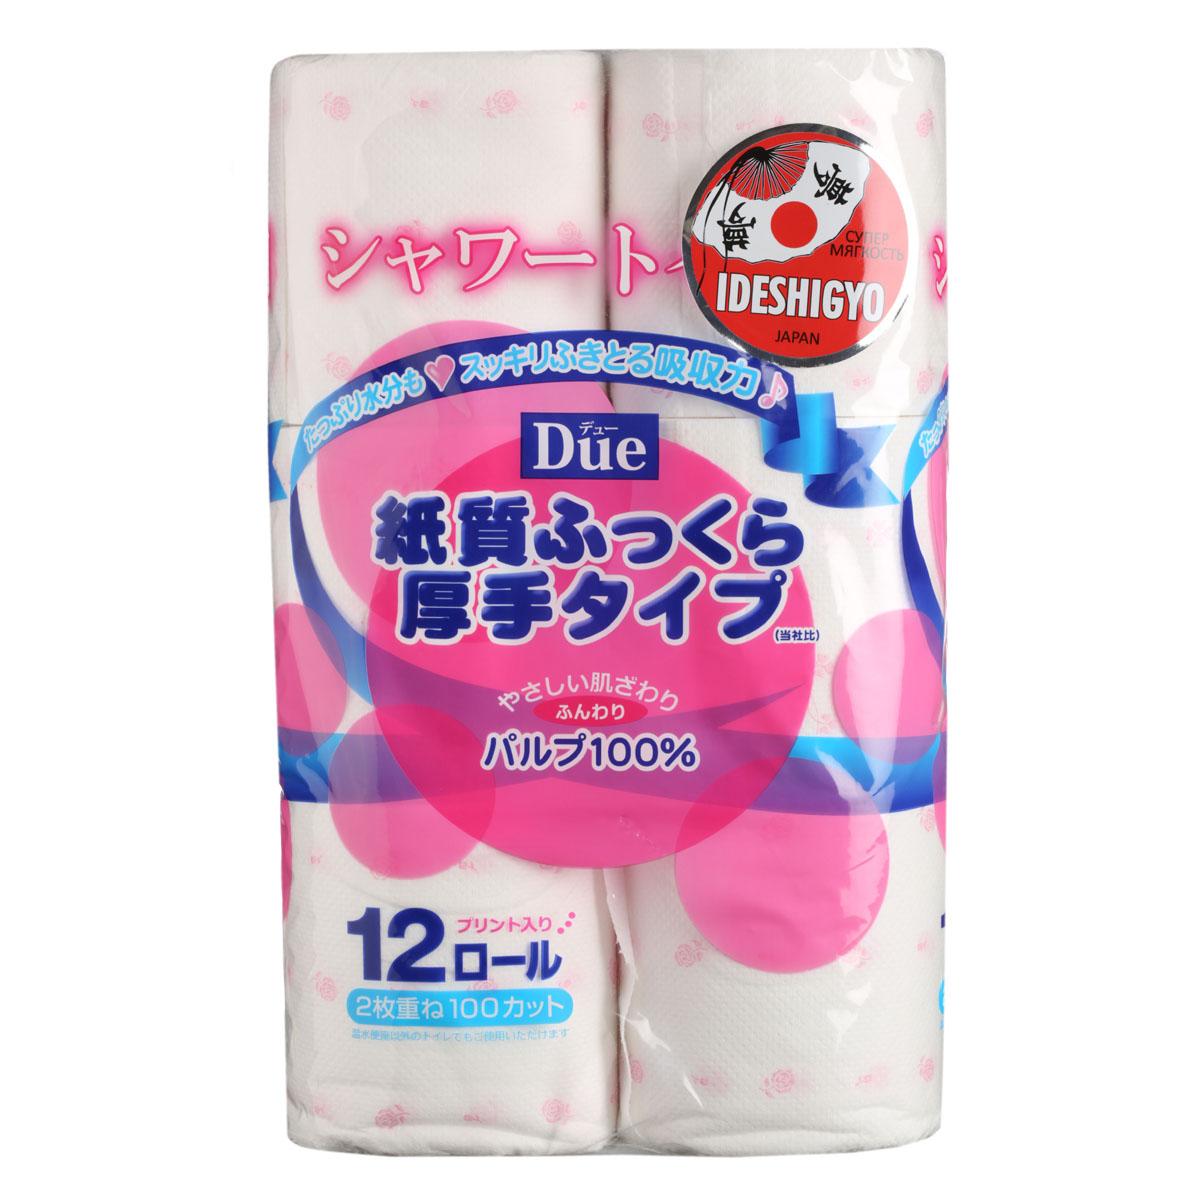 Туалетная бумага IDESHIGYO DUE, 2-х слойная, 12 рулонов13425Отличительной особенностью туалетной бумаги IDE является использование целлюлозы с длинными волокнами, что обеспечивает бумаге хорошую гибкость и нежное прикосновение. /Мгновенно впитывает даже большое количество воды, поскольку между слоями бумаги есть воздушное пространство, что позволяет сократить объемы используемой бумаги на треть./Глубокие линии тиснения обеспечивают надежное соединение слоев и прочность бумаги. Туалетная бумага IDE изготовлена из природных материалов и воды из источников Фудзи, без использования флуоресцентных красителей./В упаковке представлены 3 вида дизайна туалетной бумаги./Подходит также для применения в качестве бумажных полотенец для биде./Состав: натуральная 100% целлюлоза./Срок годности не ограничен./